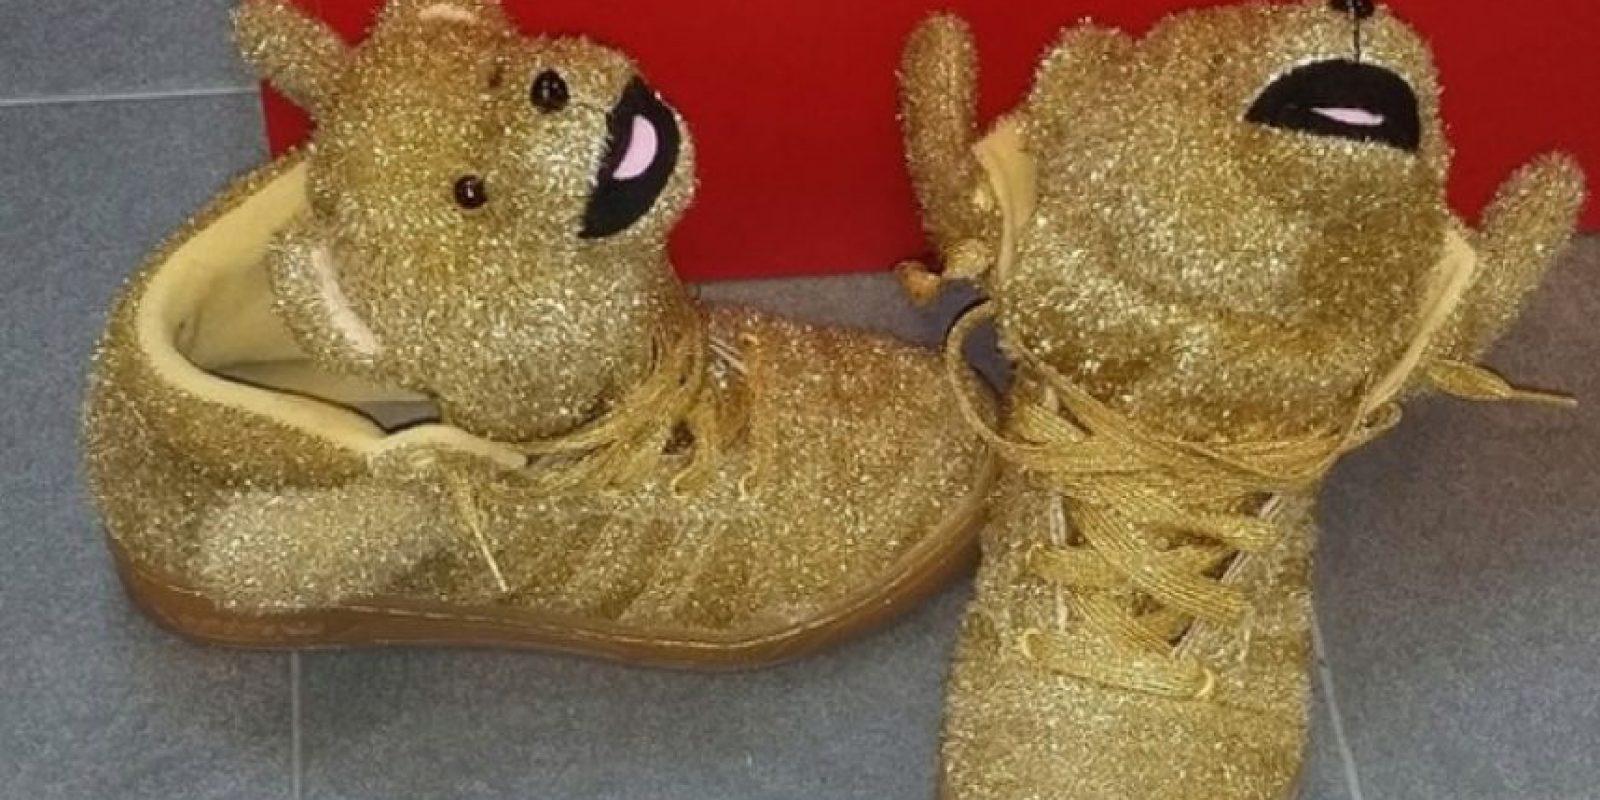 Los zapatos deportivos de Dani Alves fueron mostrados primero por Leo Messi. Foto:facebook.com/LeoMessi